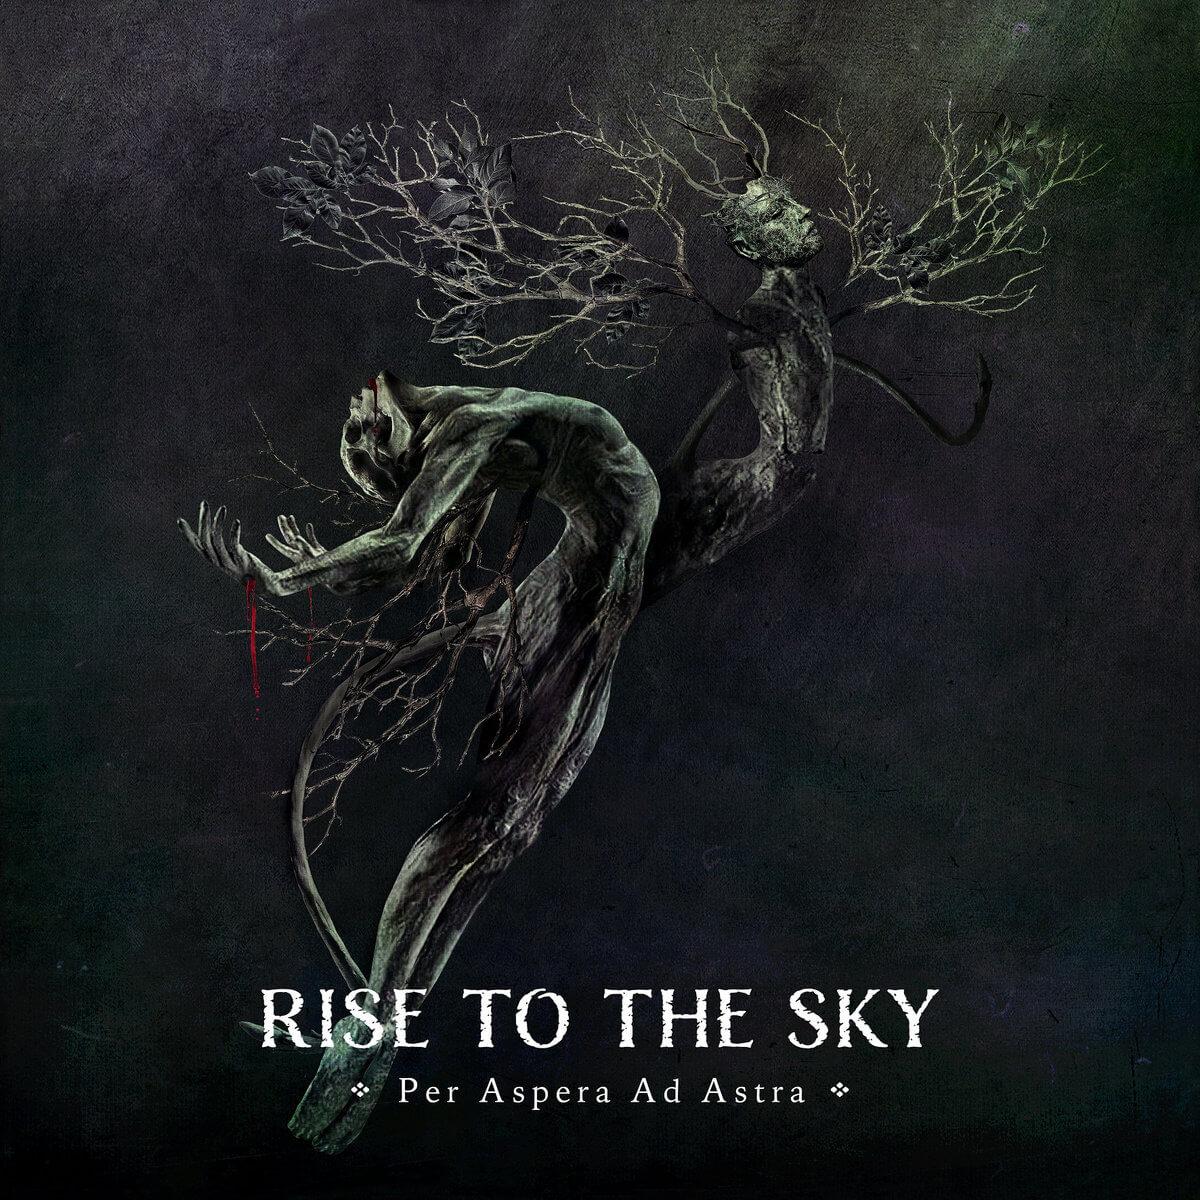 Rise To The Sky Crusade